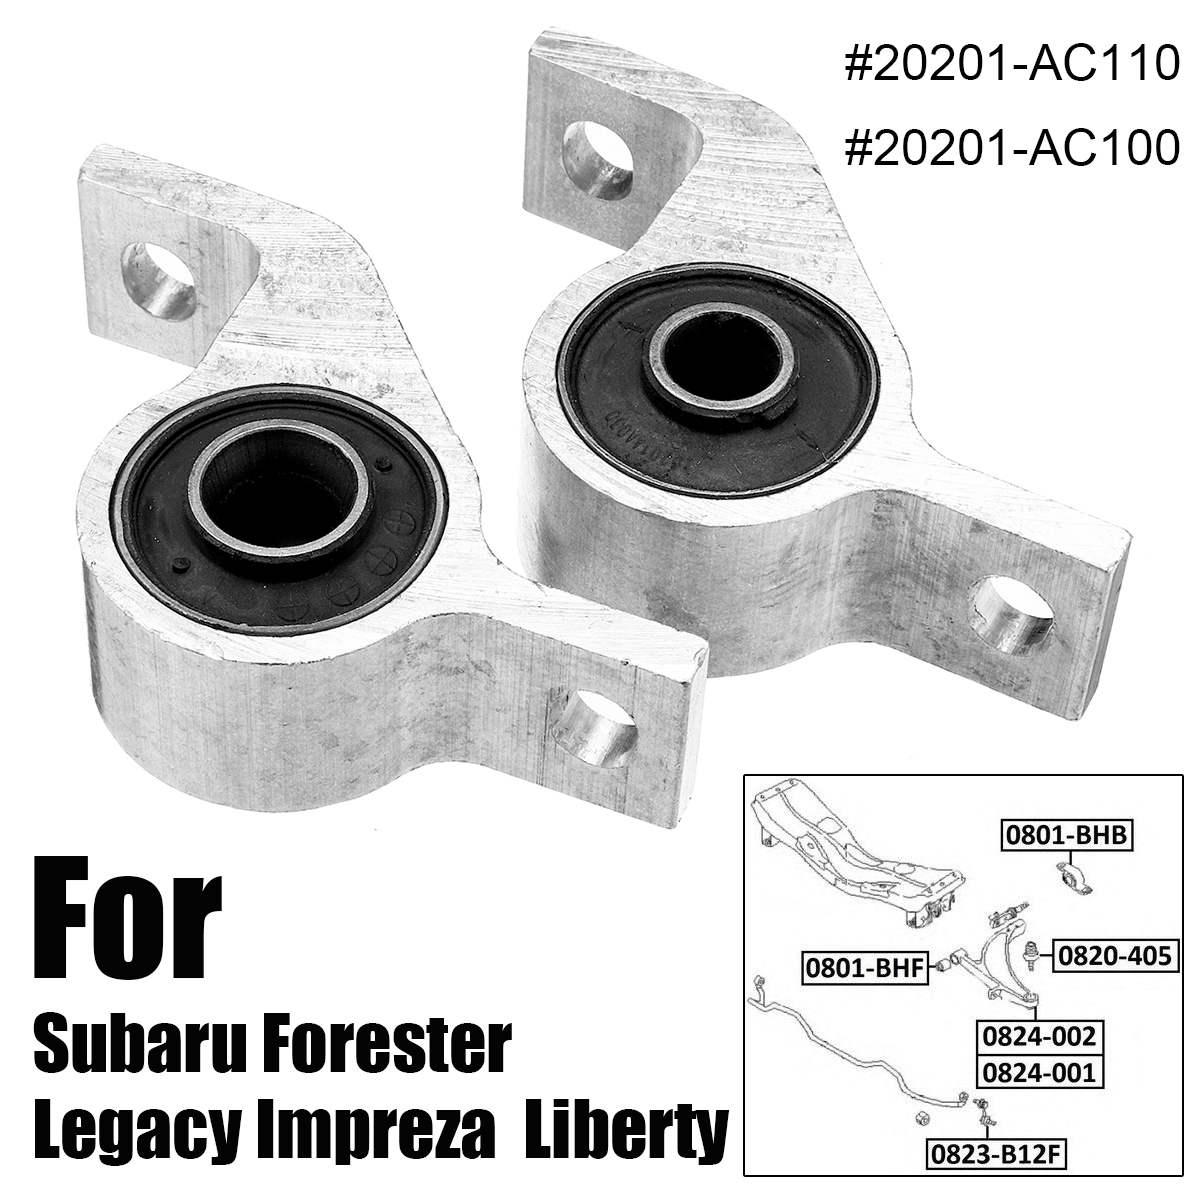 ด้านหน้าแขนควบคุม BUSHING 2 ชิ้น/เซ็ตสำหรับ Subaru สำหรับ Forester สำหรับ LEGACY สำหรับ Impreza สำหรับ Liberty 20201-AC100 20201-AC110